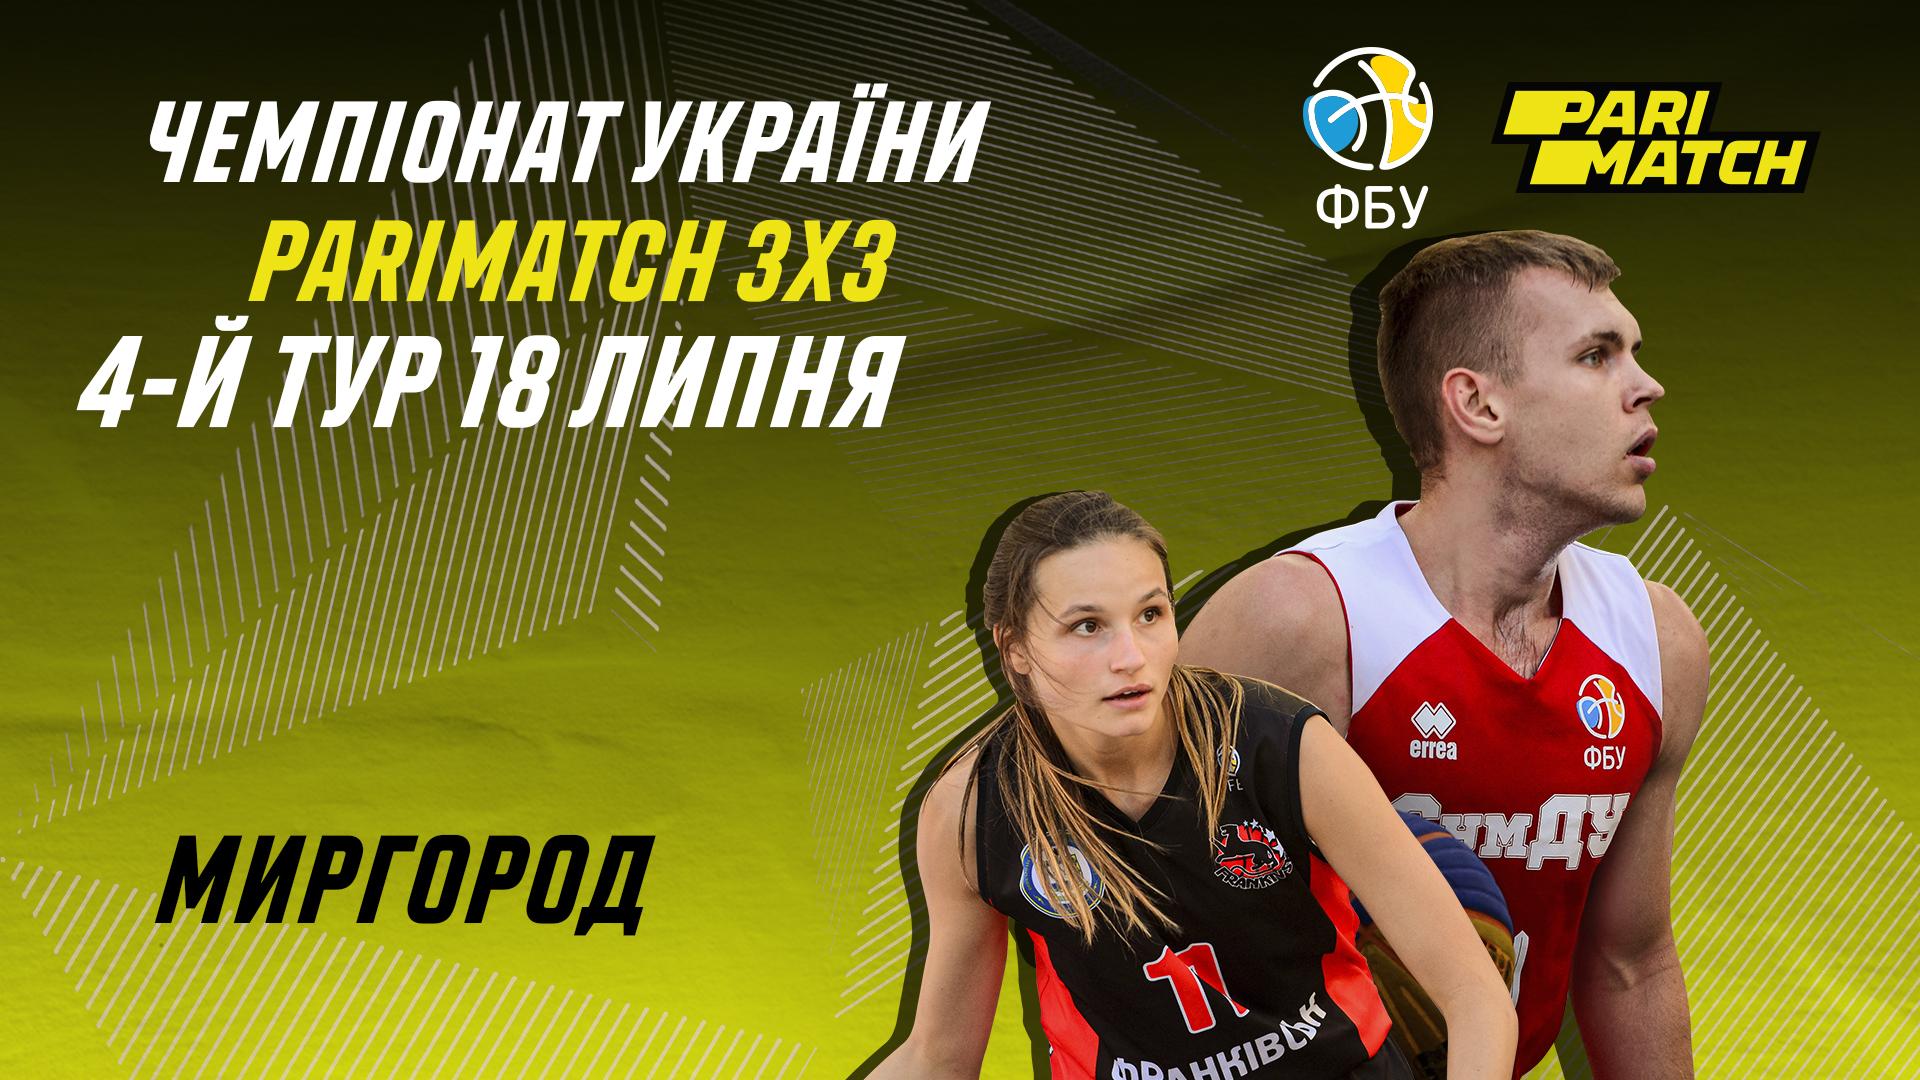 Завершується реєстрація на 4 тур чемпіонату України Паріматч з баскетболу 3х3 у Миргороді